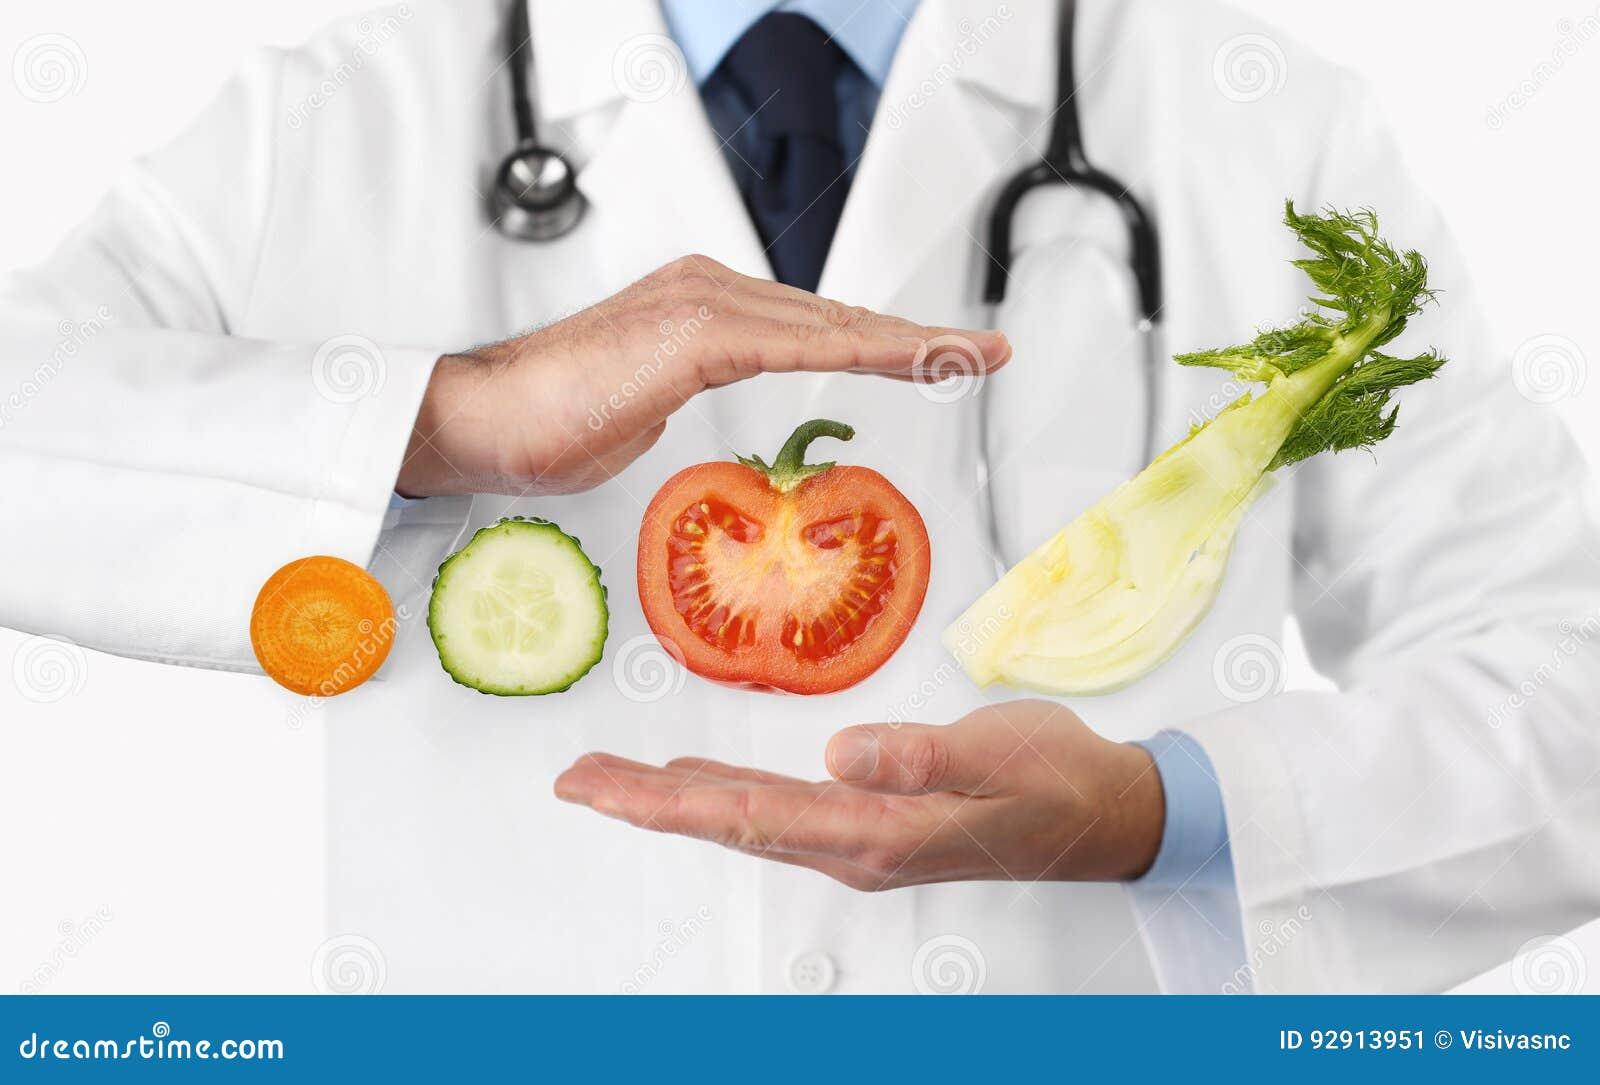 Υγιή τρόφιμα και φυσική έννοια διατροφής διατροφής ιατρική, χέρια δ